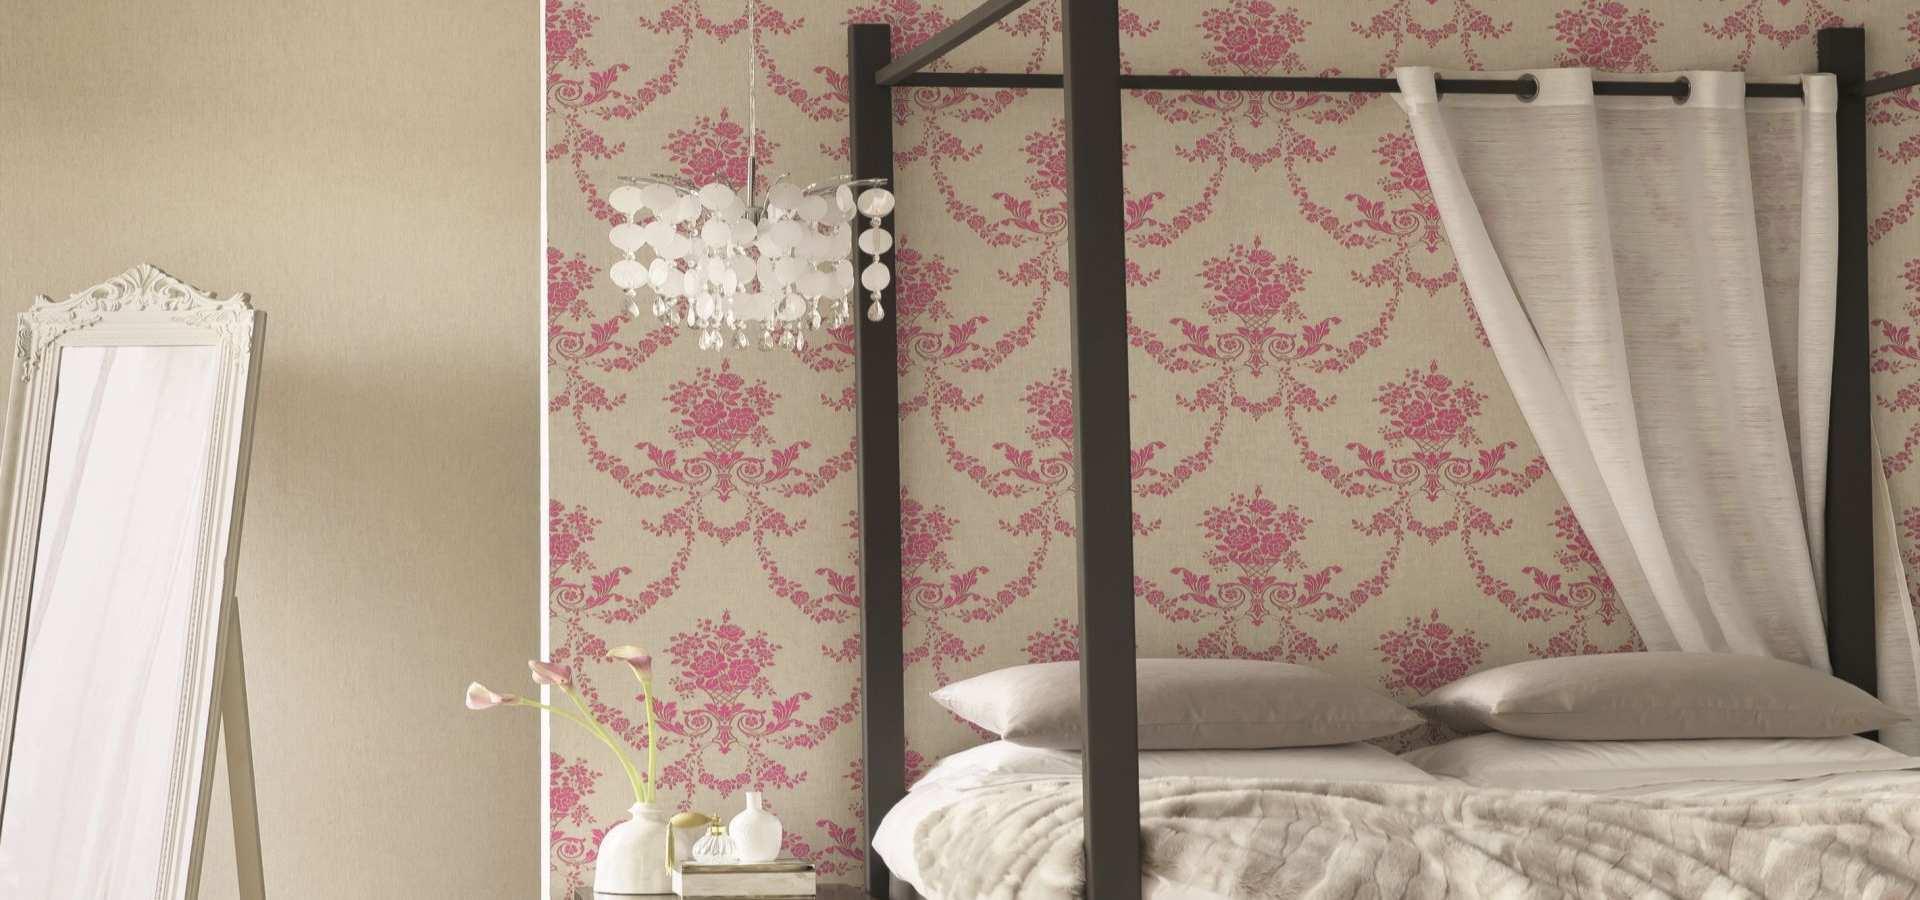 Bild Schlafzimmer Tapete Renaissance